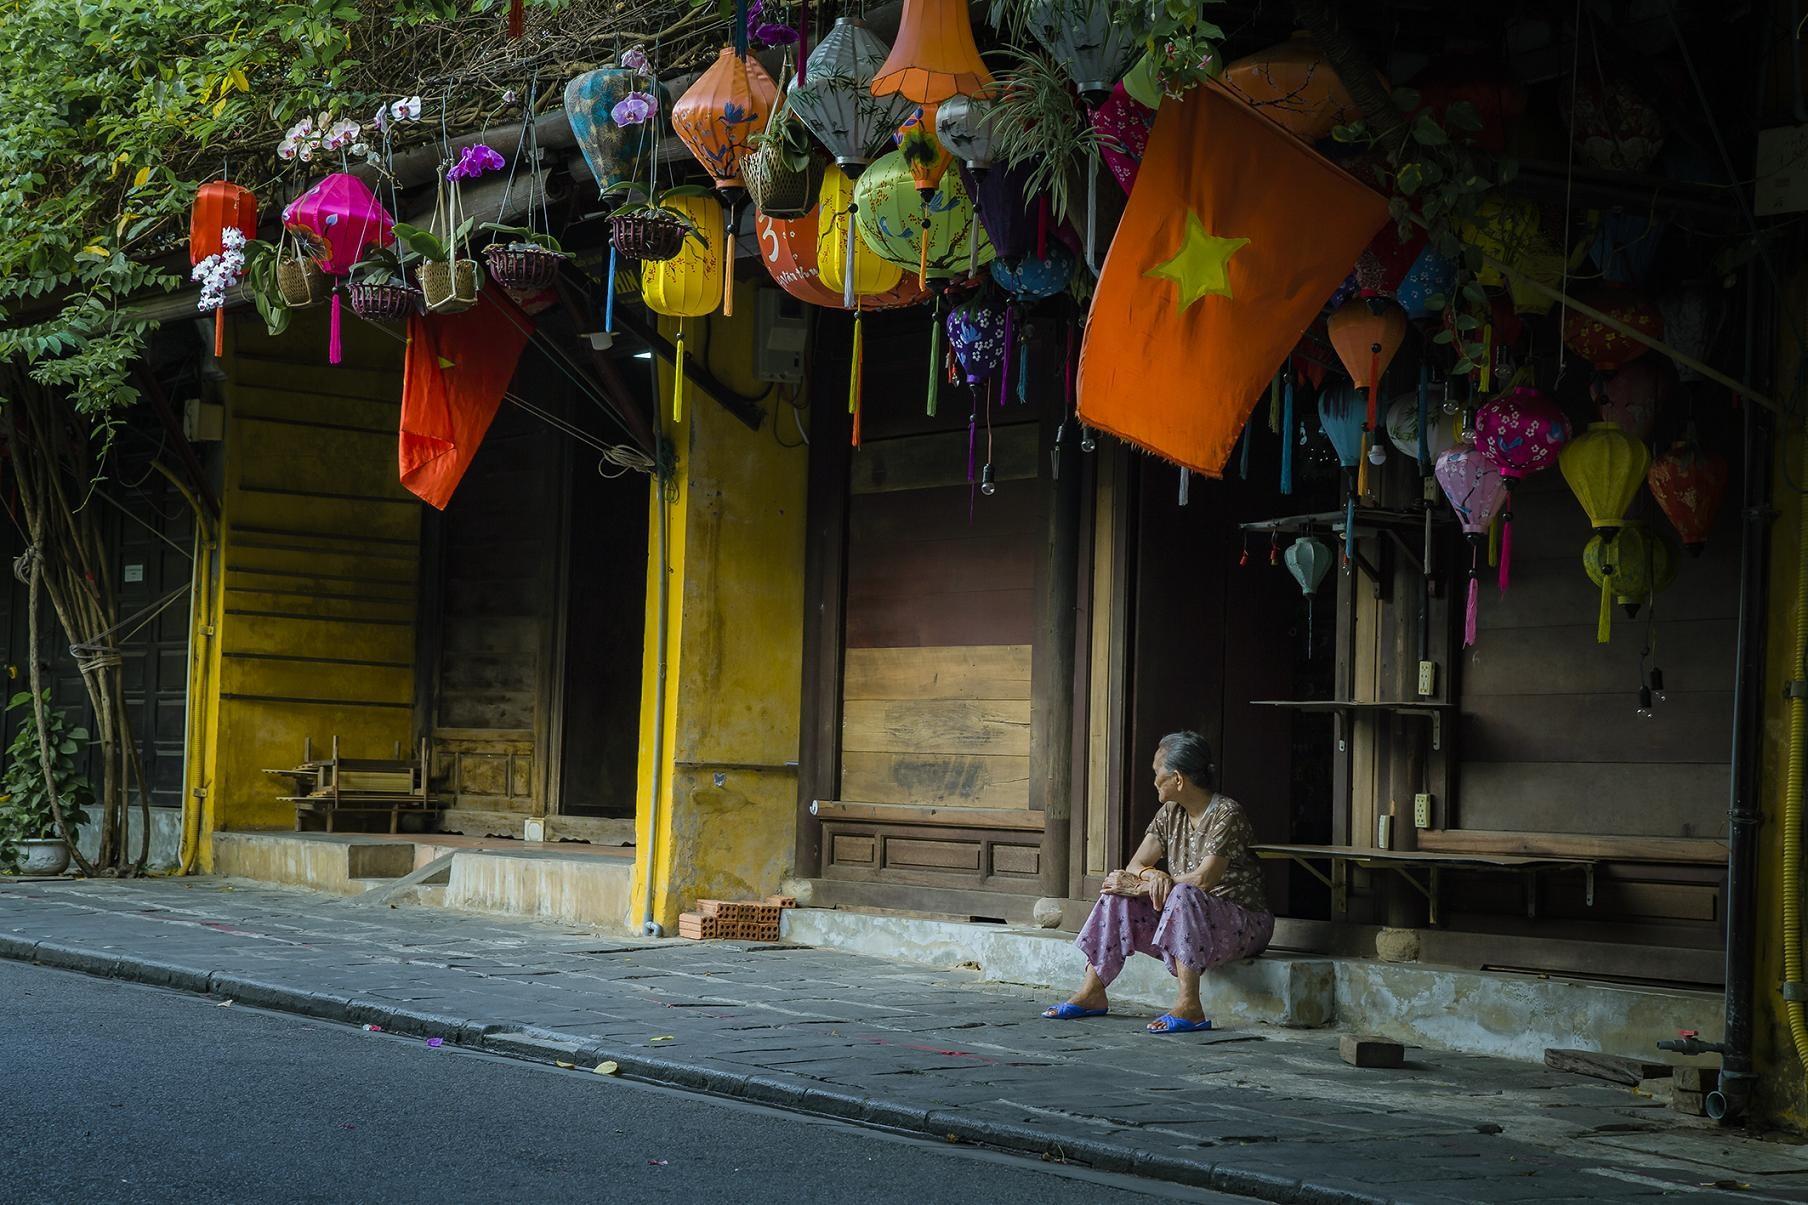 """Tôn vinh di sản, di tích là một trong các chủ đề của cuộc thi ảnh """"Lan tỏa sự quan tâm, chia sẻ tầm nhìn về đa dạng văn hóa"""". Ảnh minh họa của NSNA Huỳnh Hà."""